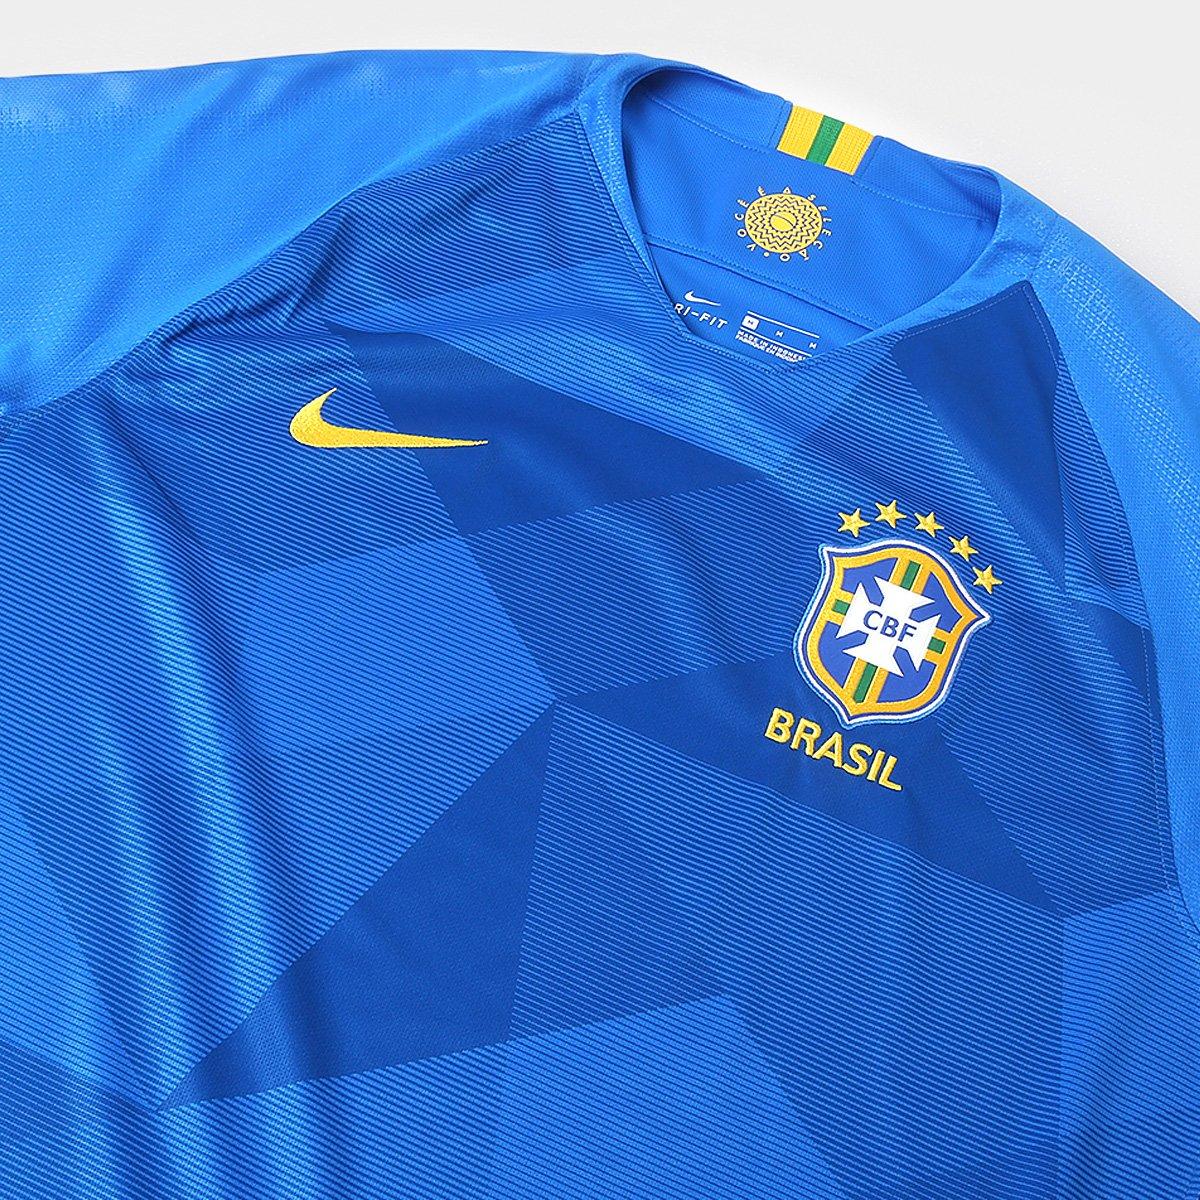 ... Camisa Seleção Brasil II 2018 s n° - Torcedor Nike Masculina ... 48257b59094e5